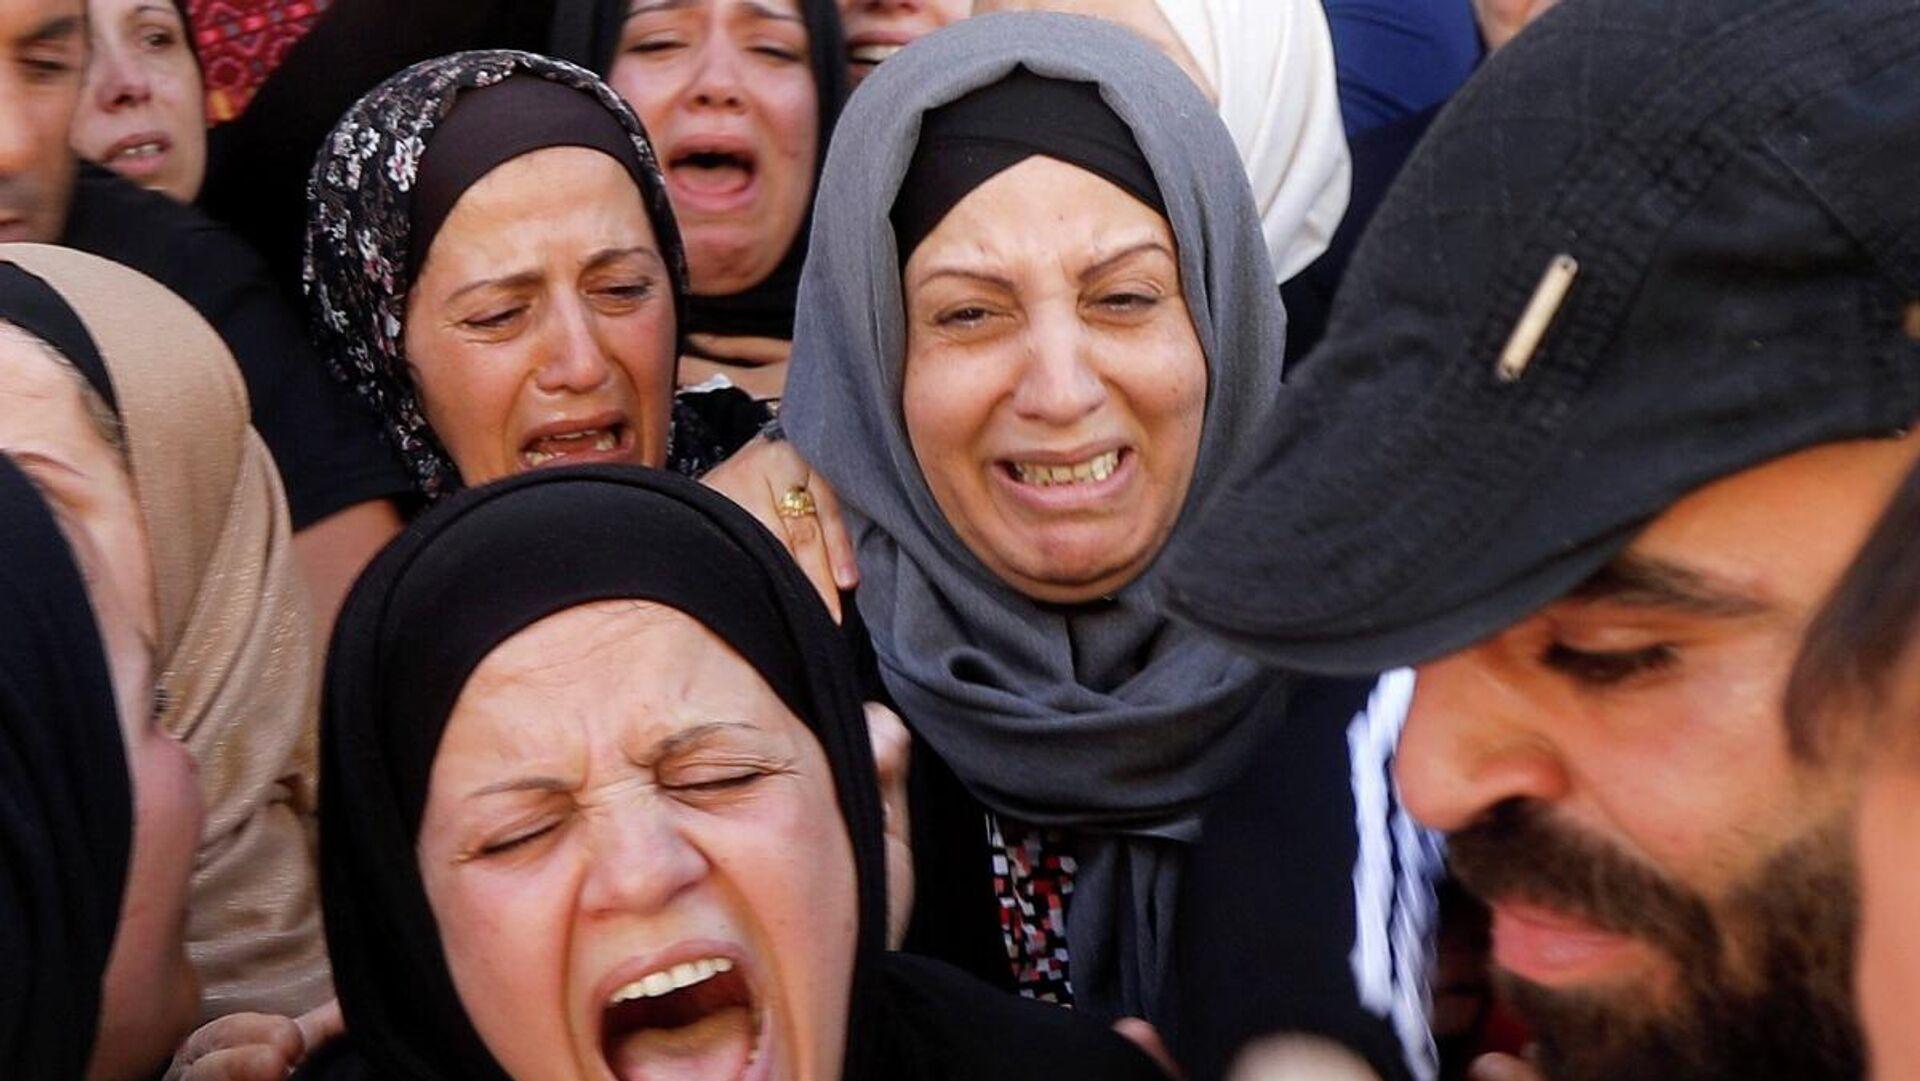 Mujeres palestinas lloran - Sputnik Mundo, 1920, 16.05.2021